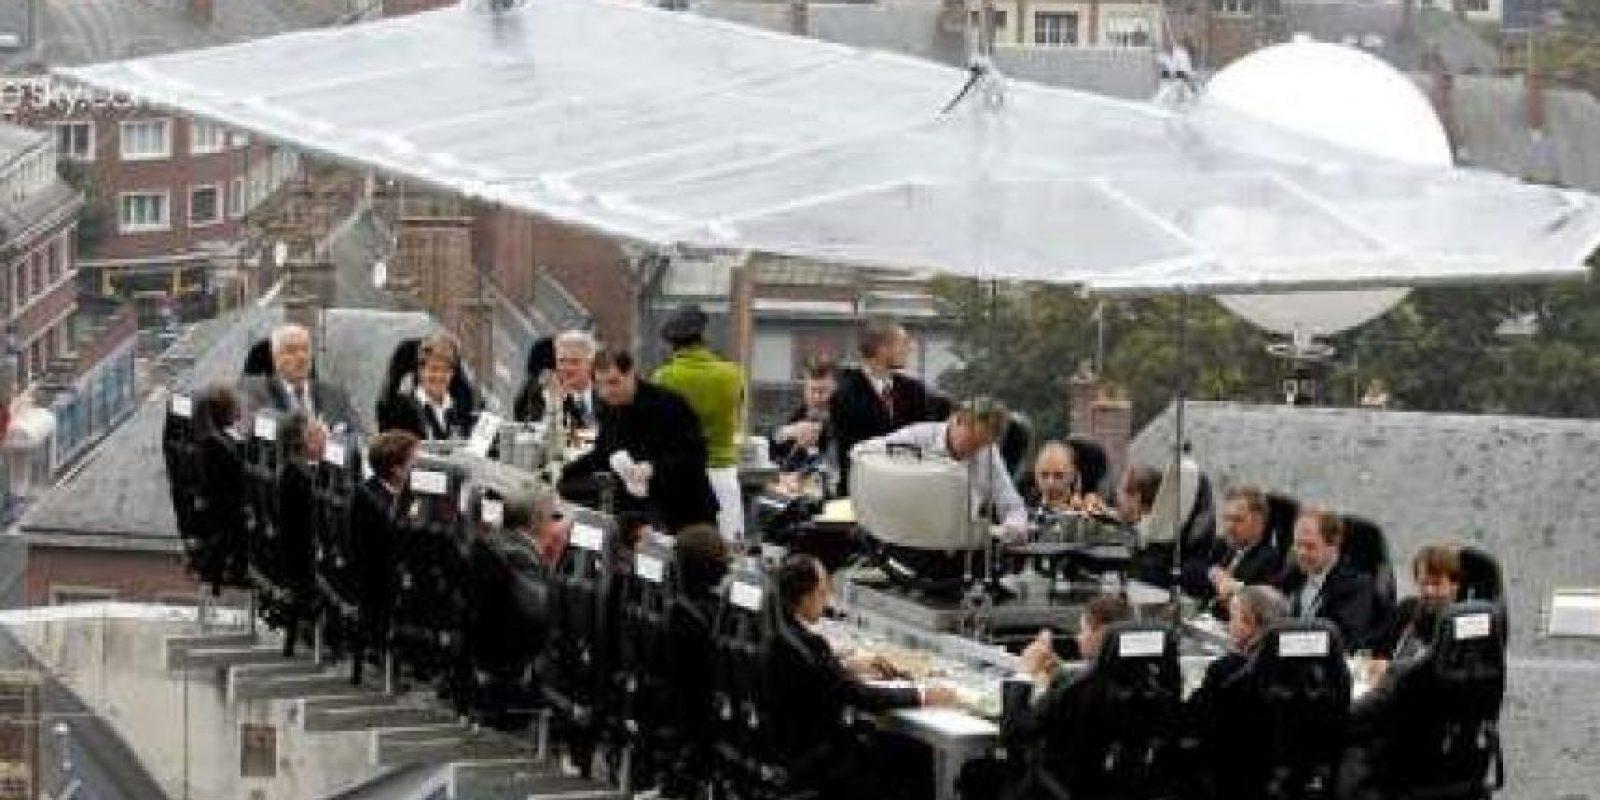 Cenar en el cielo en Bruselas, ¿porqué no? Foto:Dailypix